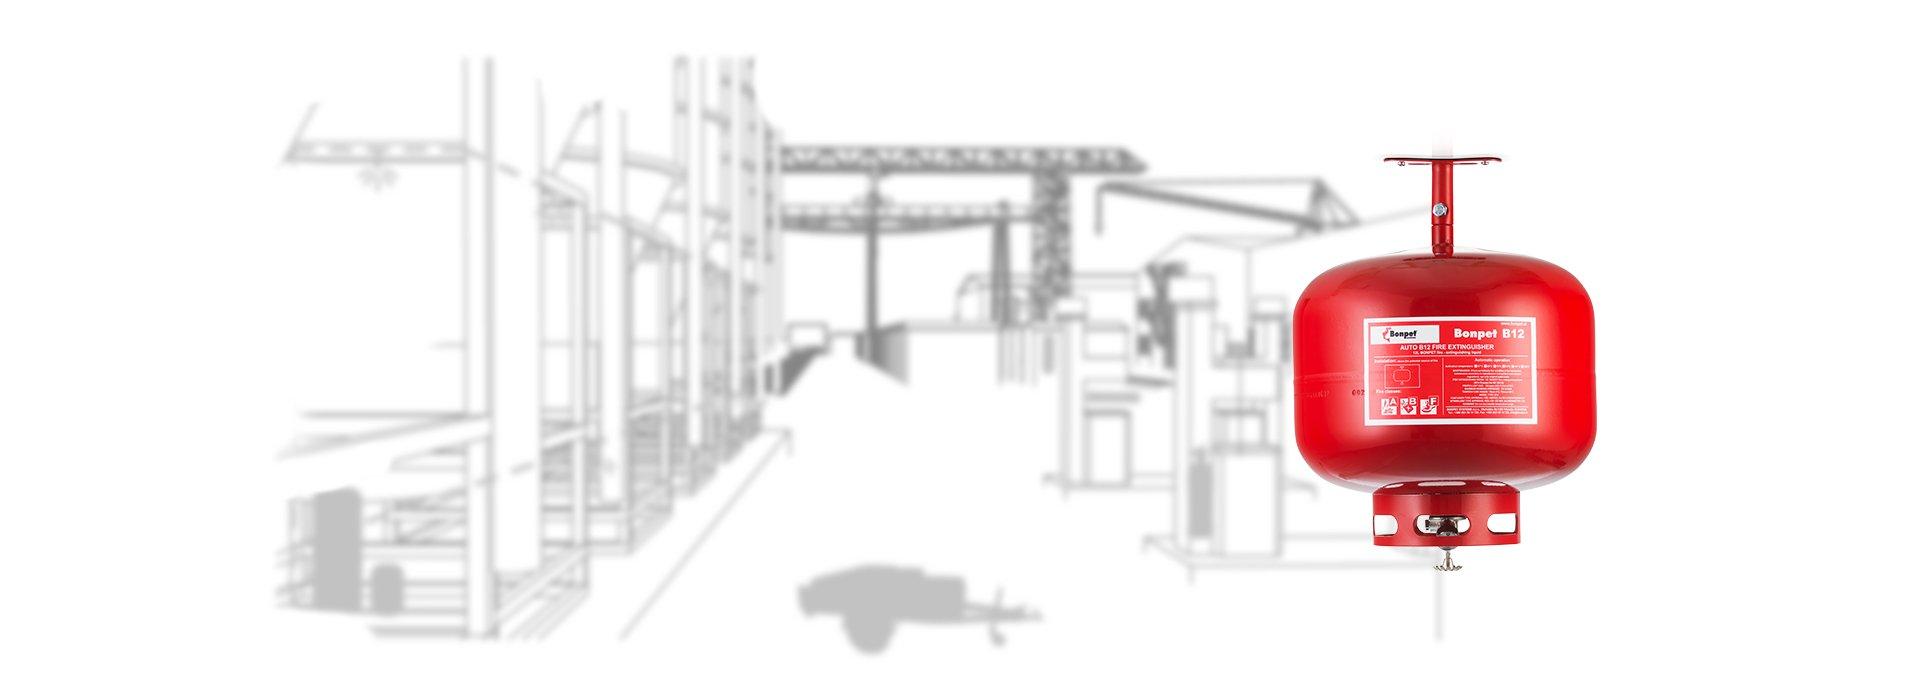 Automatische Feuerlöscher - Entdecken Sie hier die Besonderheiten der automatischen Feuerlöscher von Bonpet und sichern Sie sich Ihren eigenen automatischen Feuerlöscher.